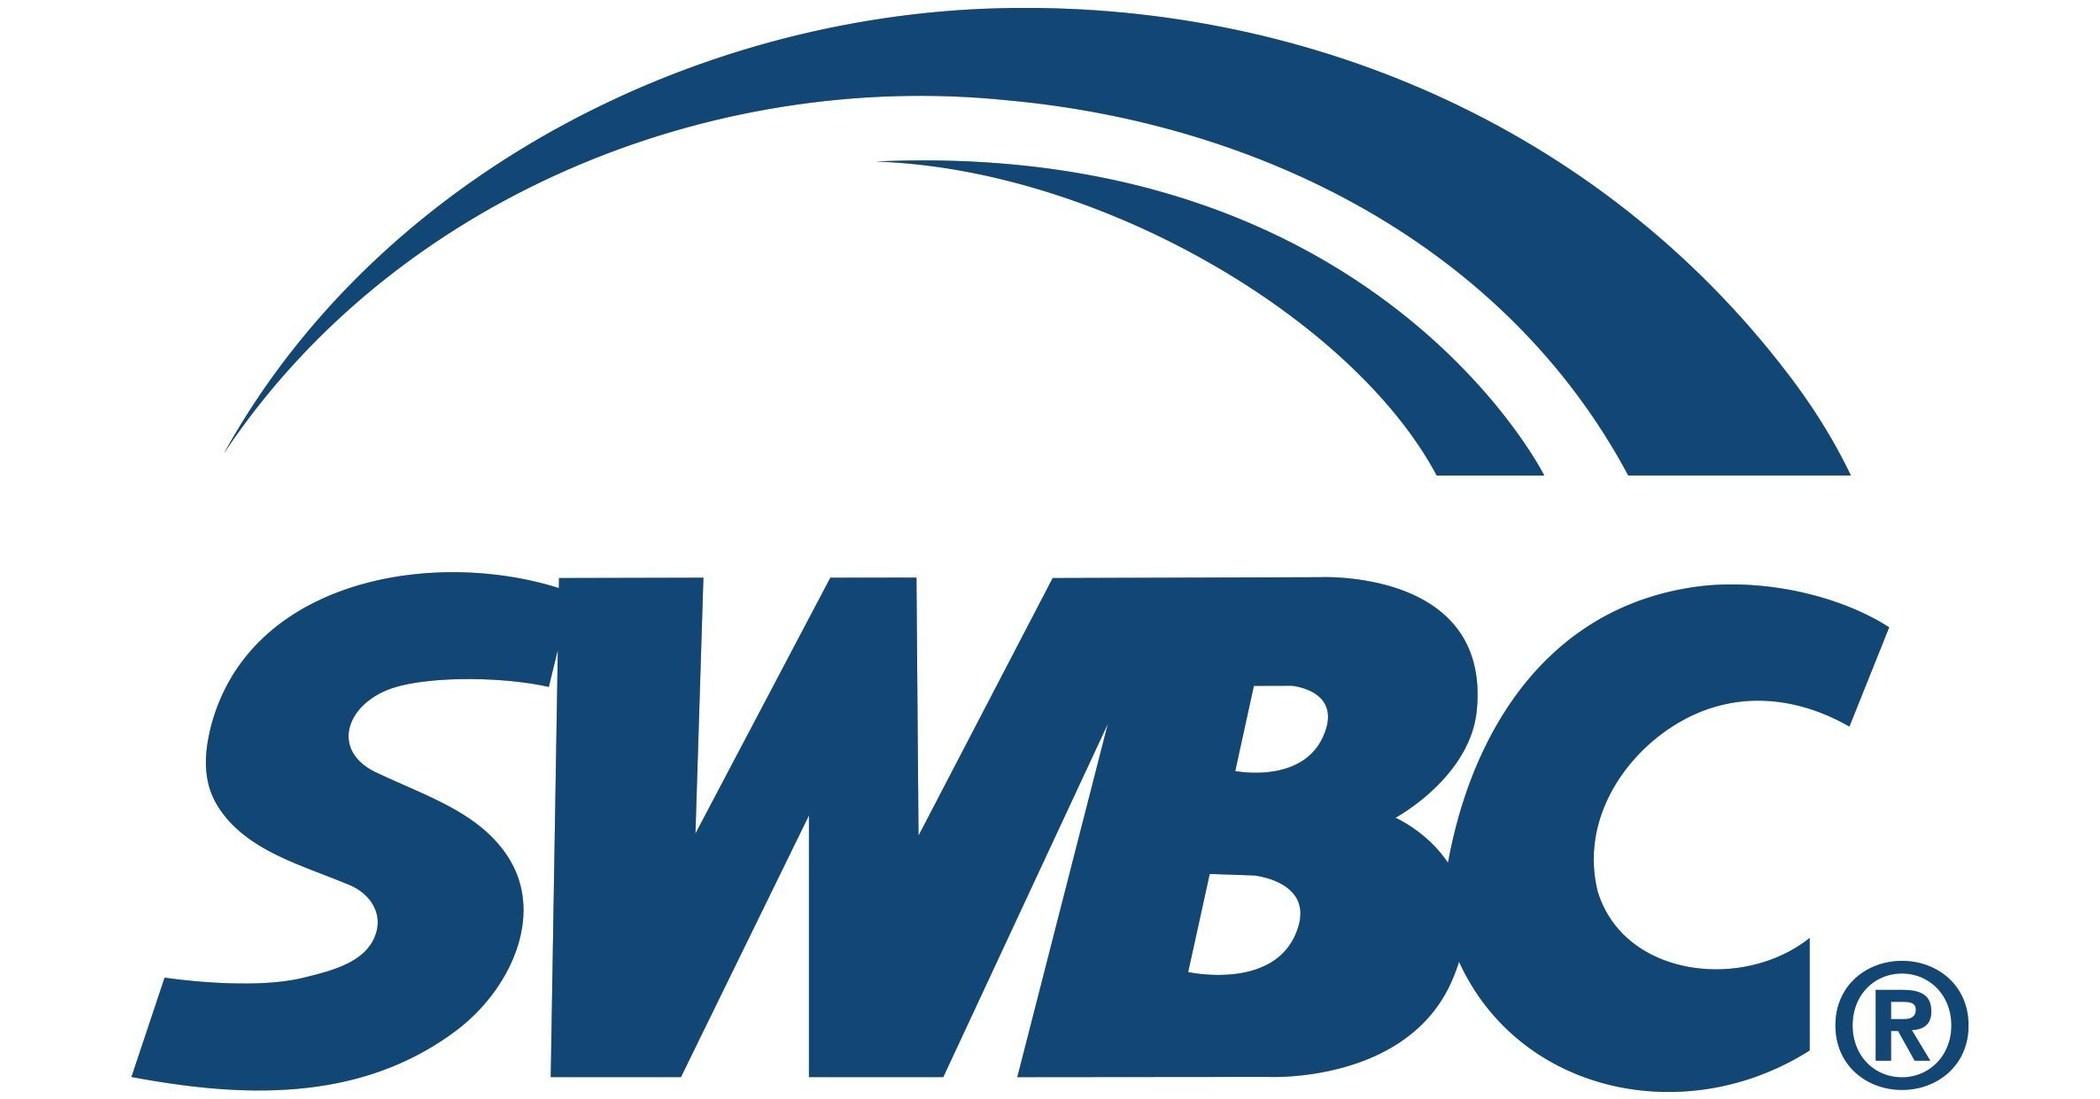 Swbc promotes meriwether to cfo 1betcityfo Choice Image